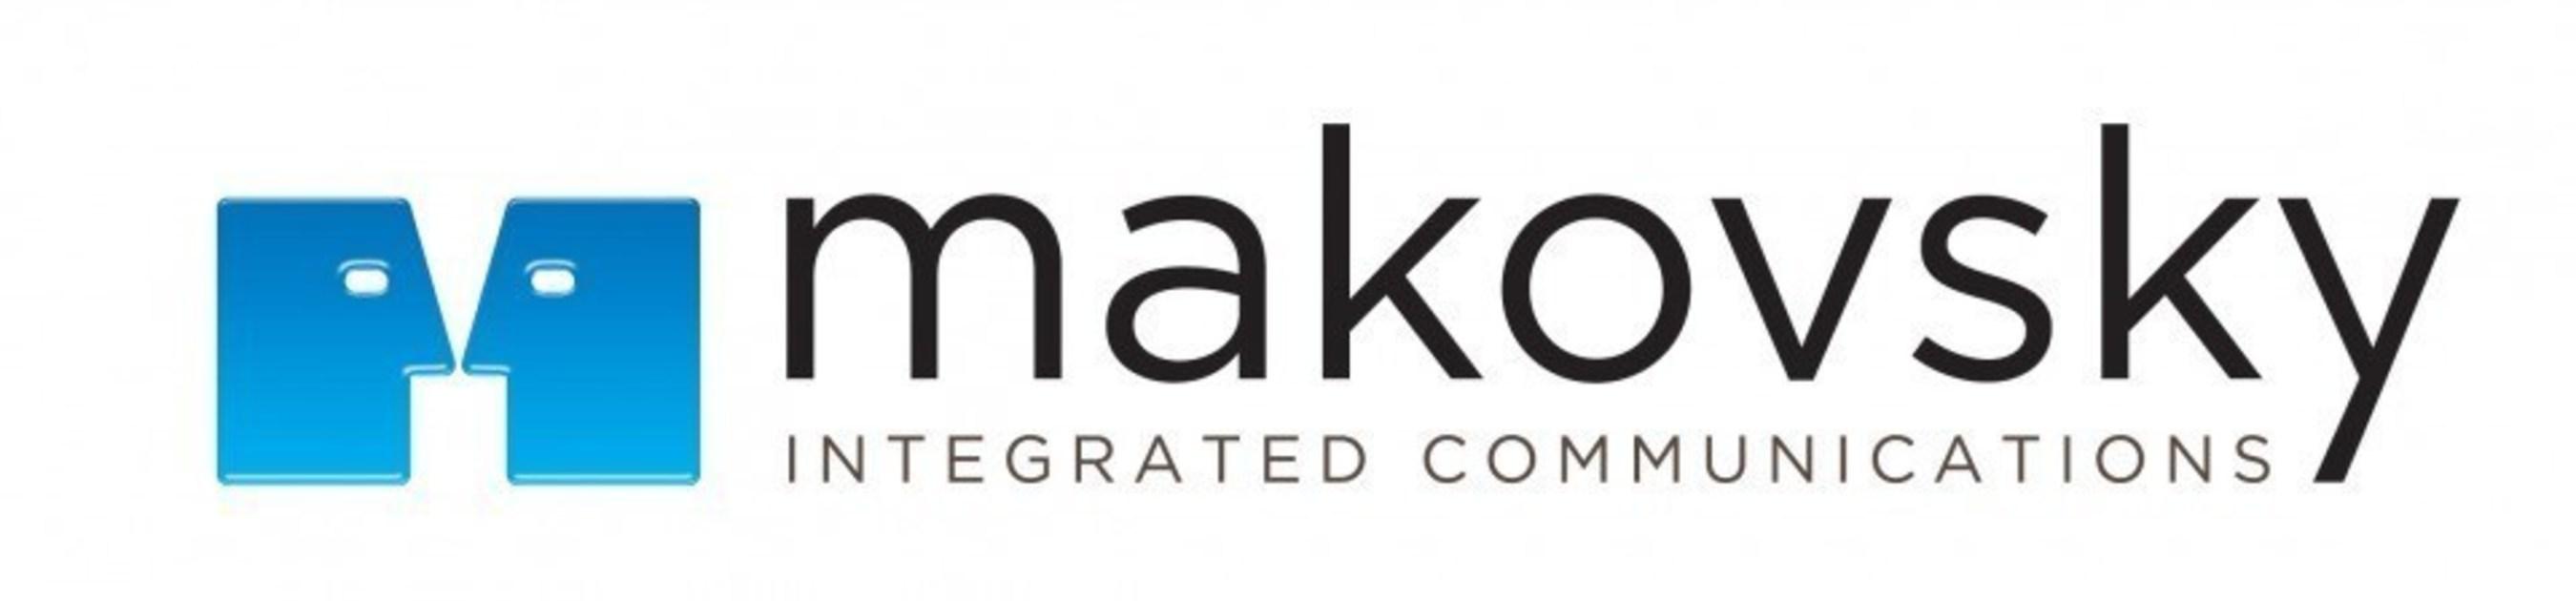 Makovsky Integrated Communications